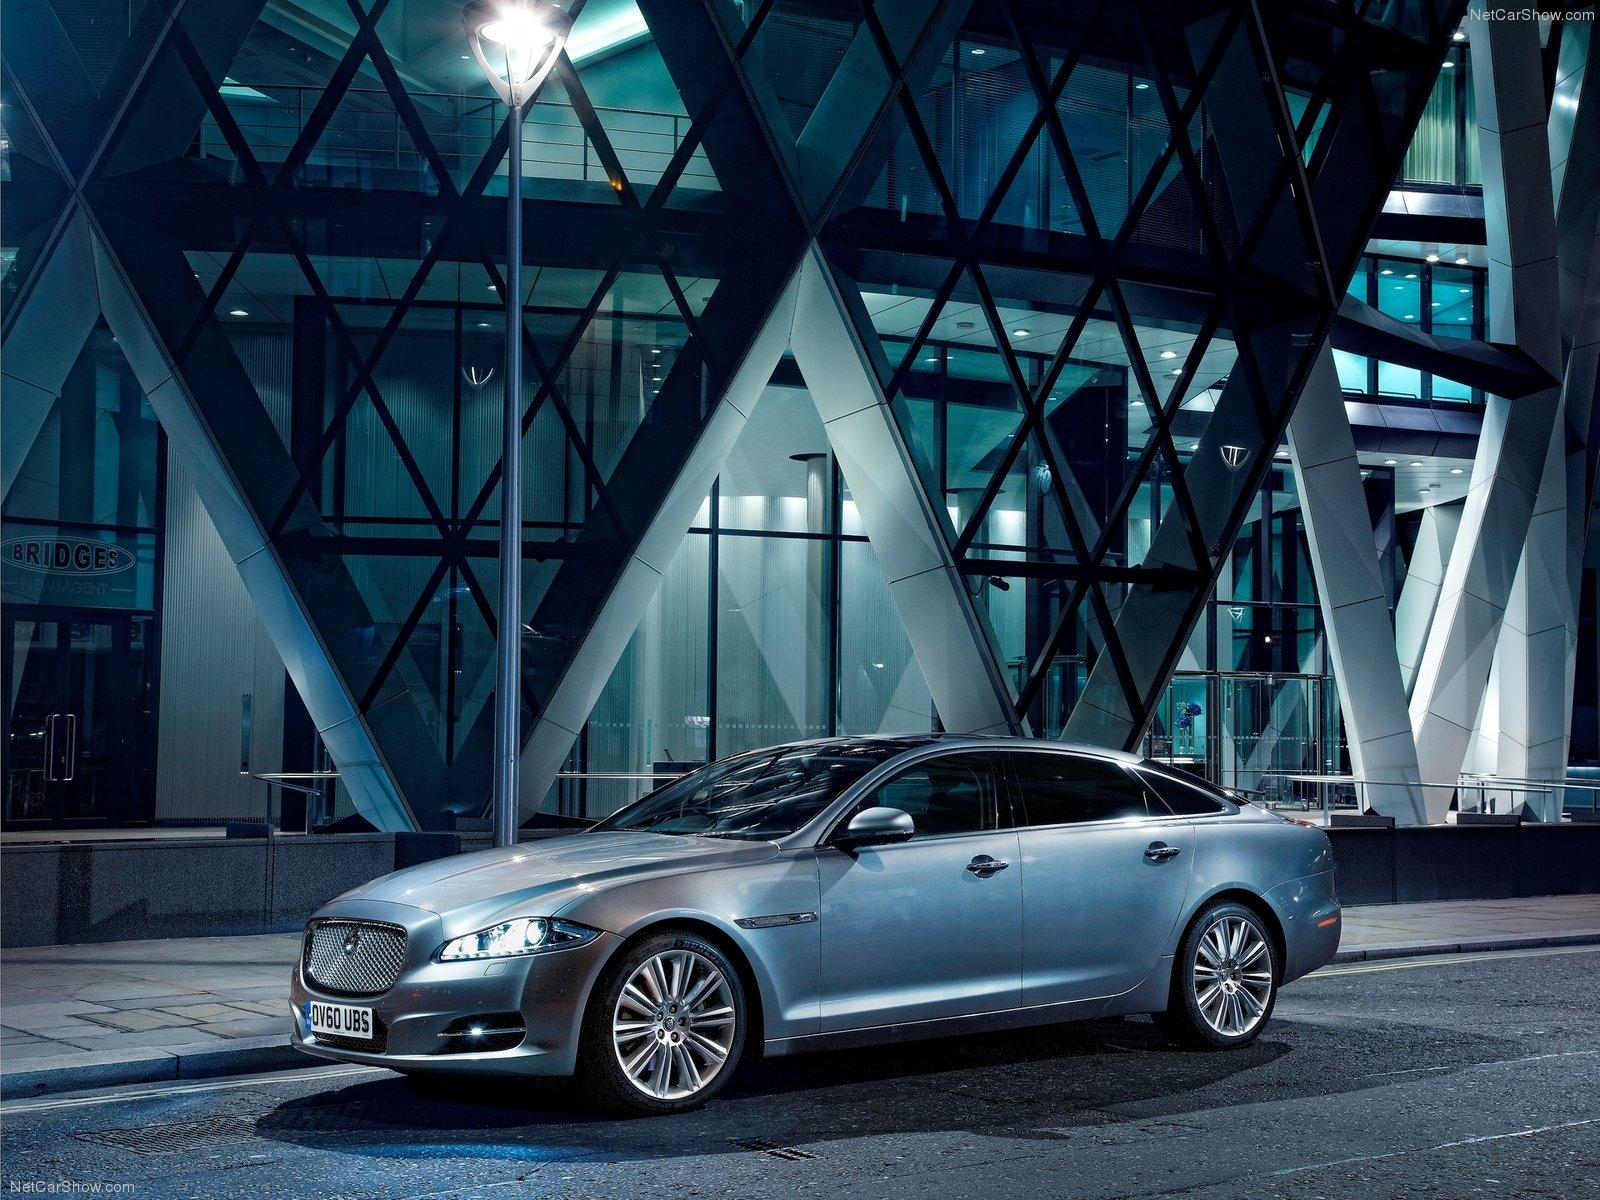 Jaguar-XJ_2012_1600x1200_wallpaper_03.jpg